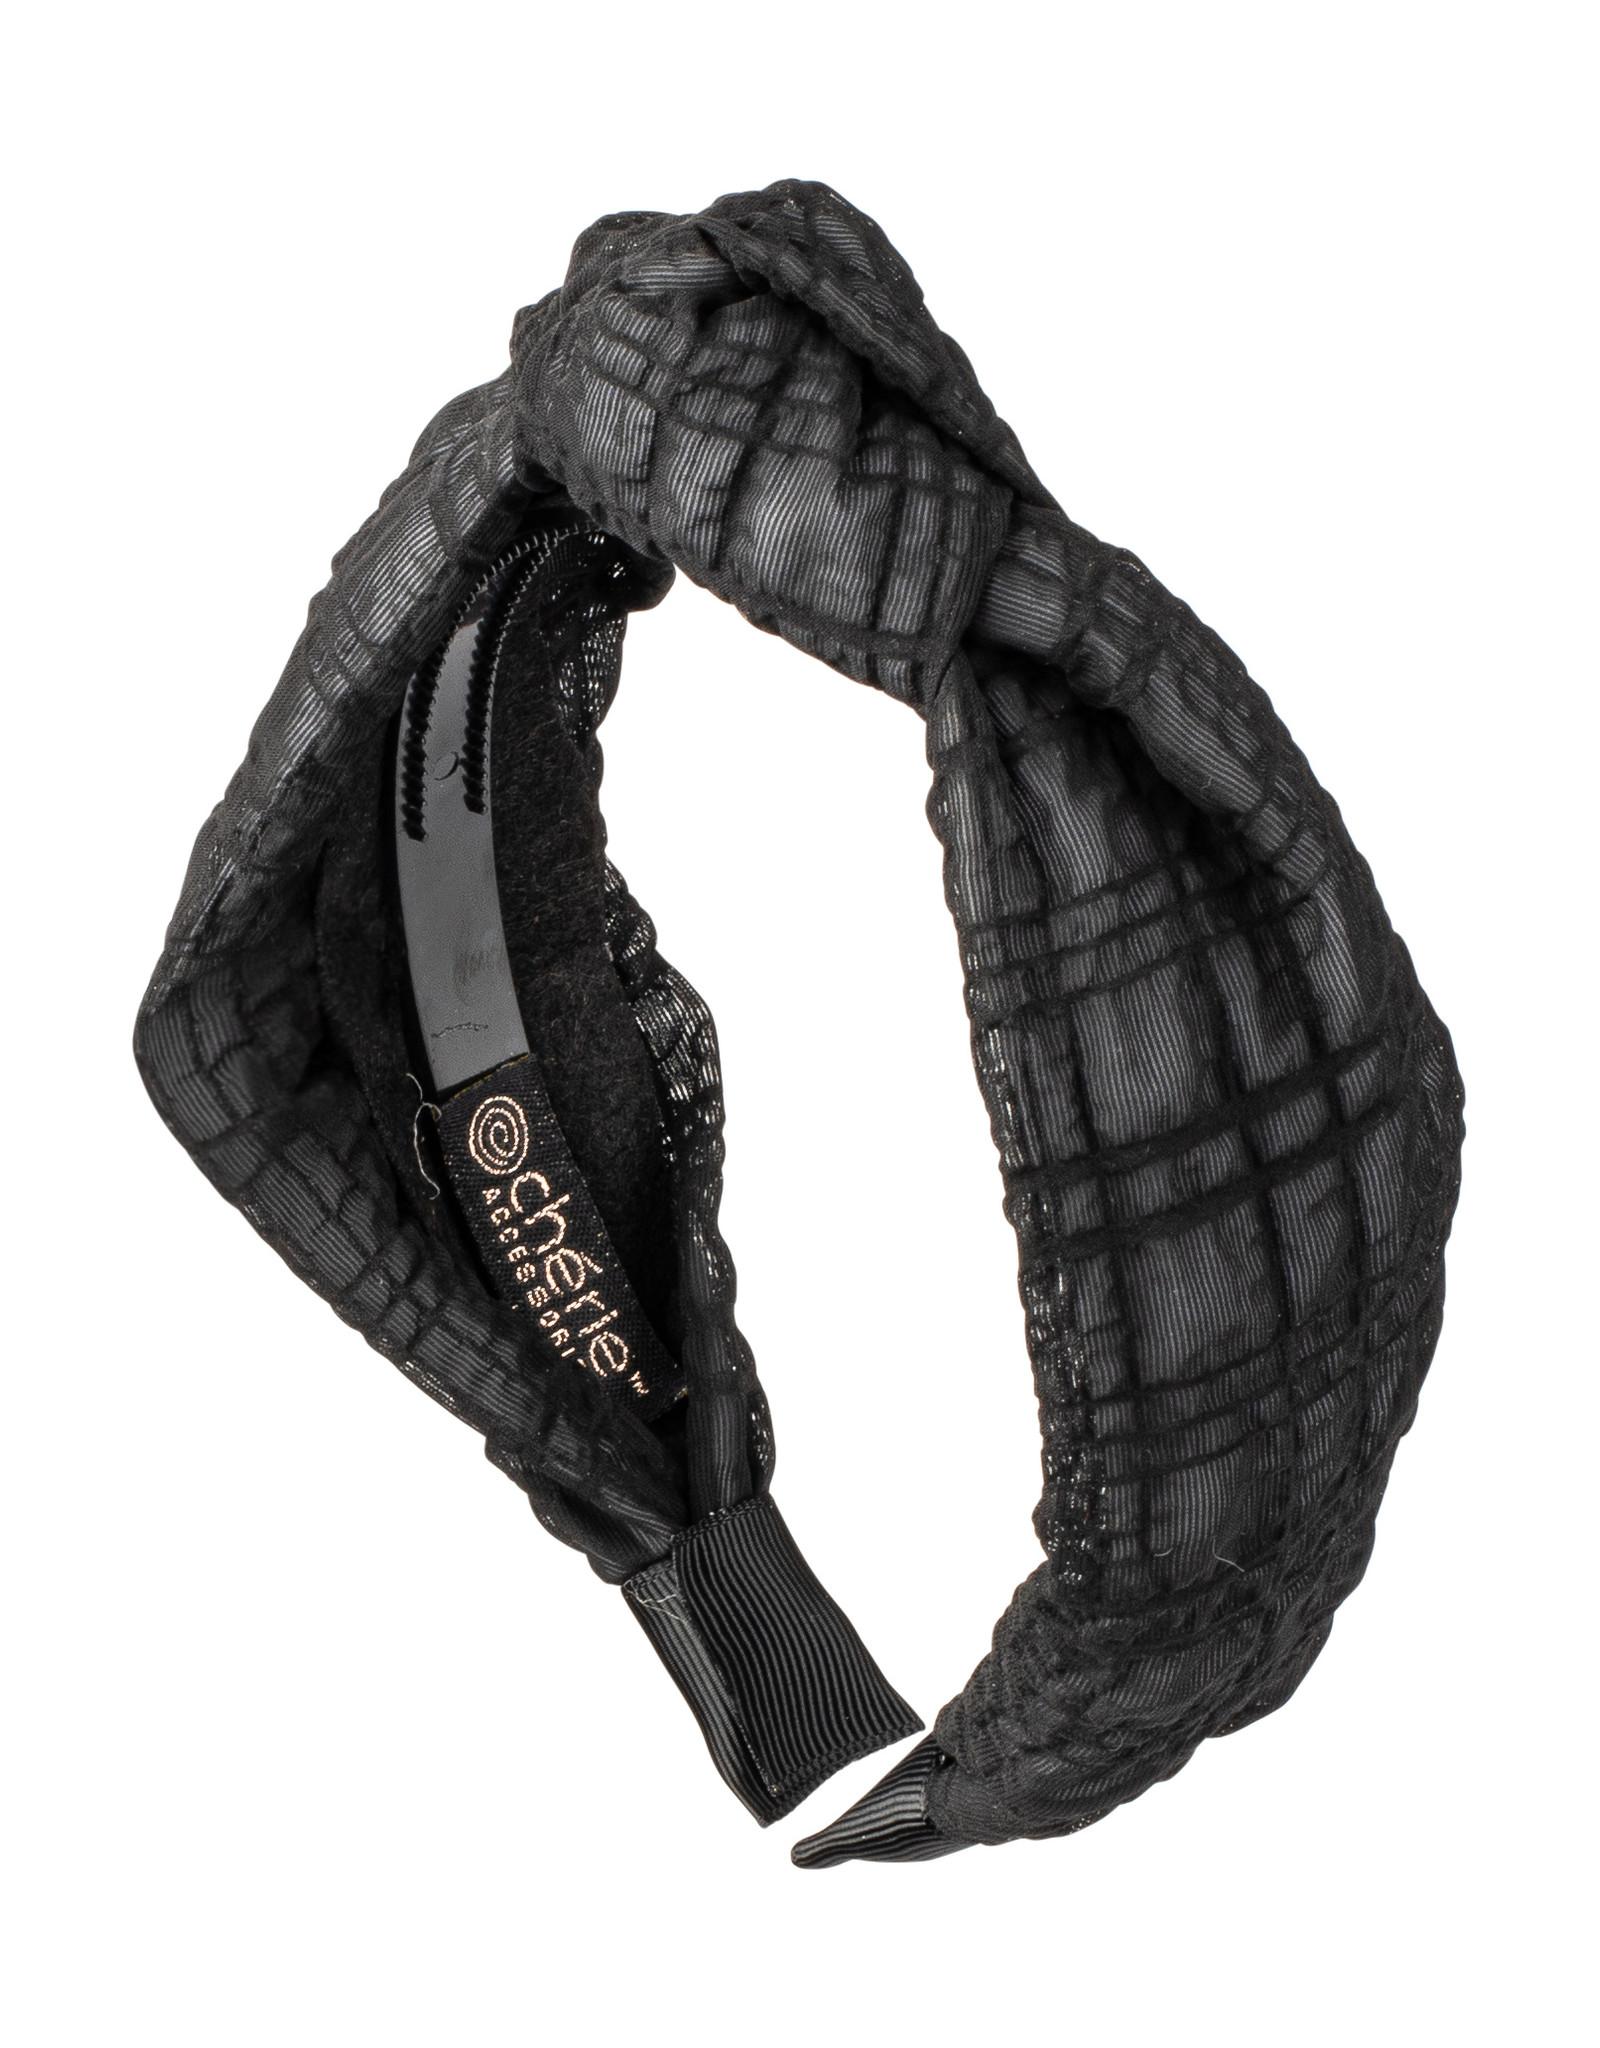 Cherie Cherie Crinkle Knot Headband